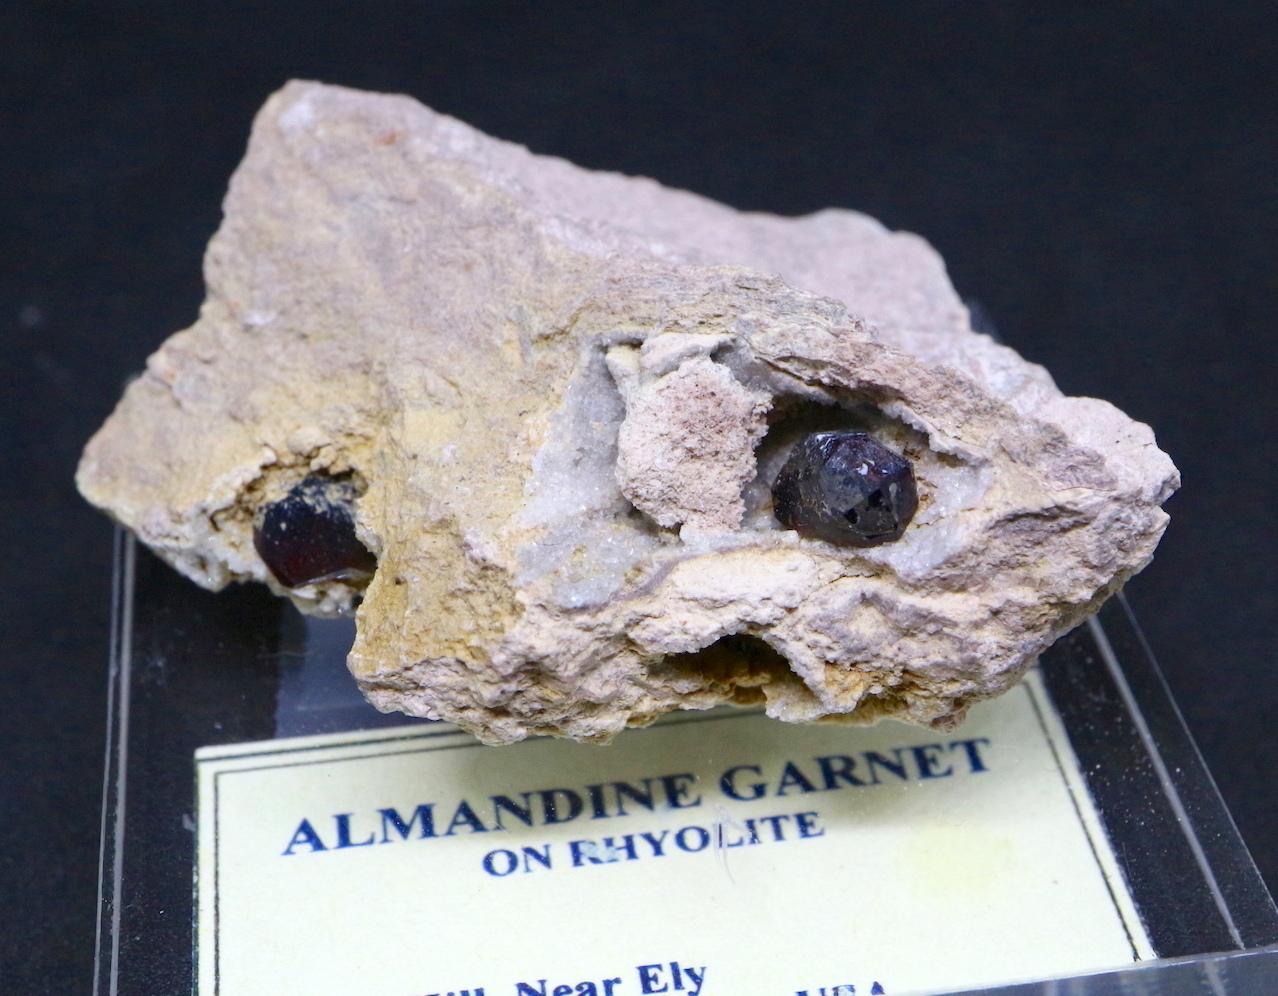 アルマンディン ガーネット 柘榴石 台付き 原石 GN033 鉱物 標本 原石 天然石